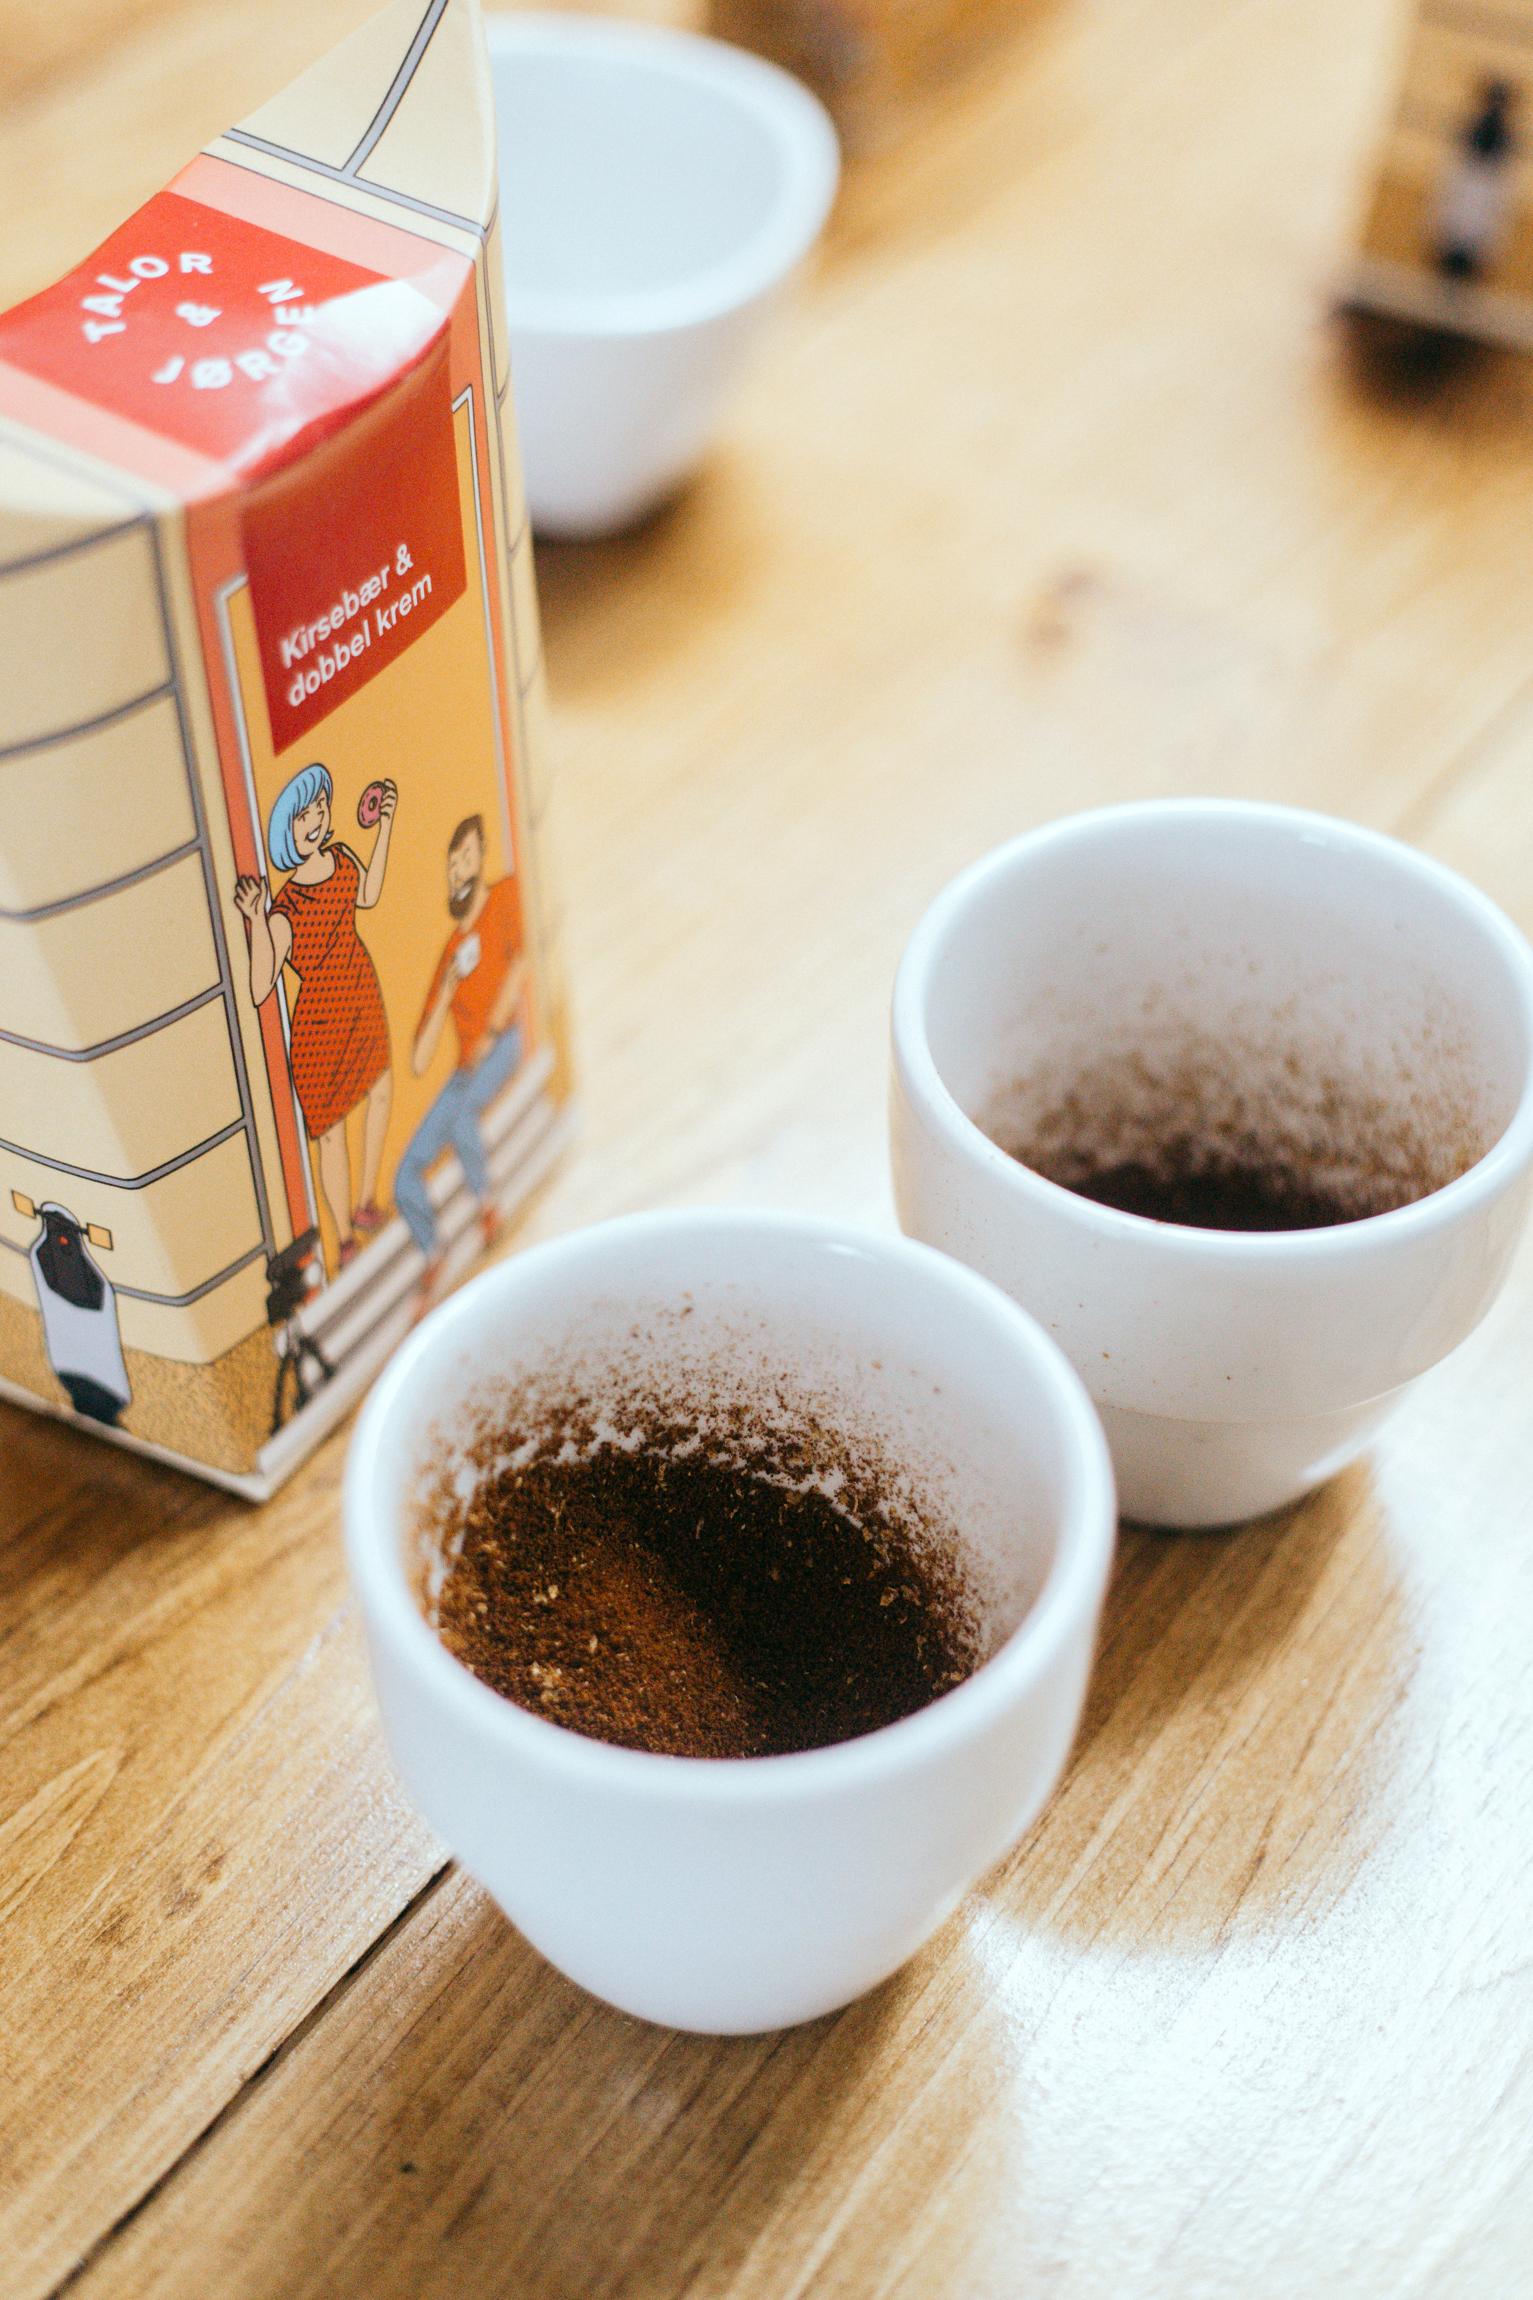 Boxcar Social - Coffee Cupping (Feb 17 2018) - Photo by Alexa Fernando @ajfernando - 11.jpg